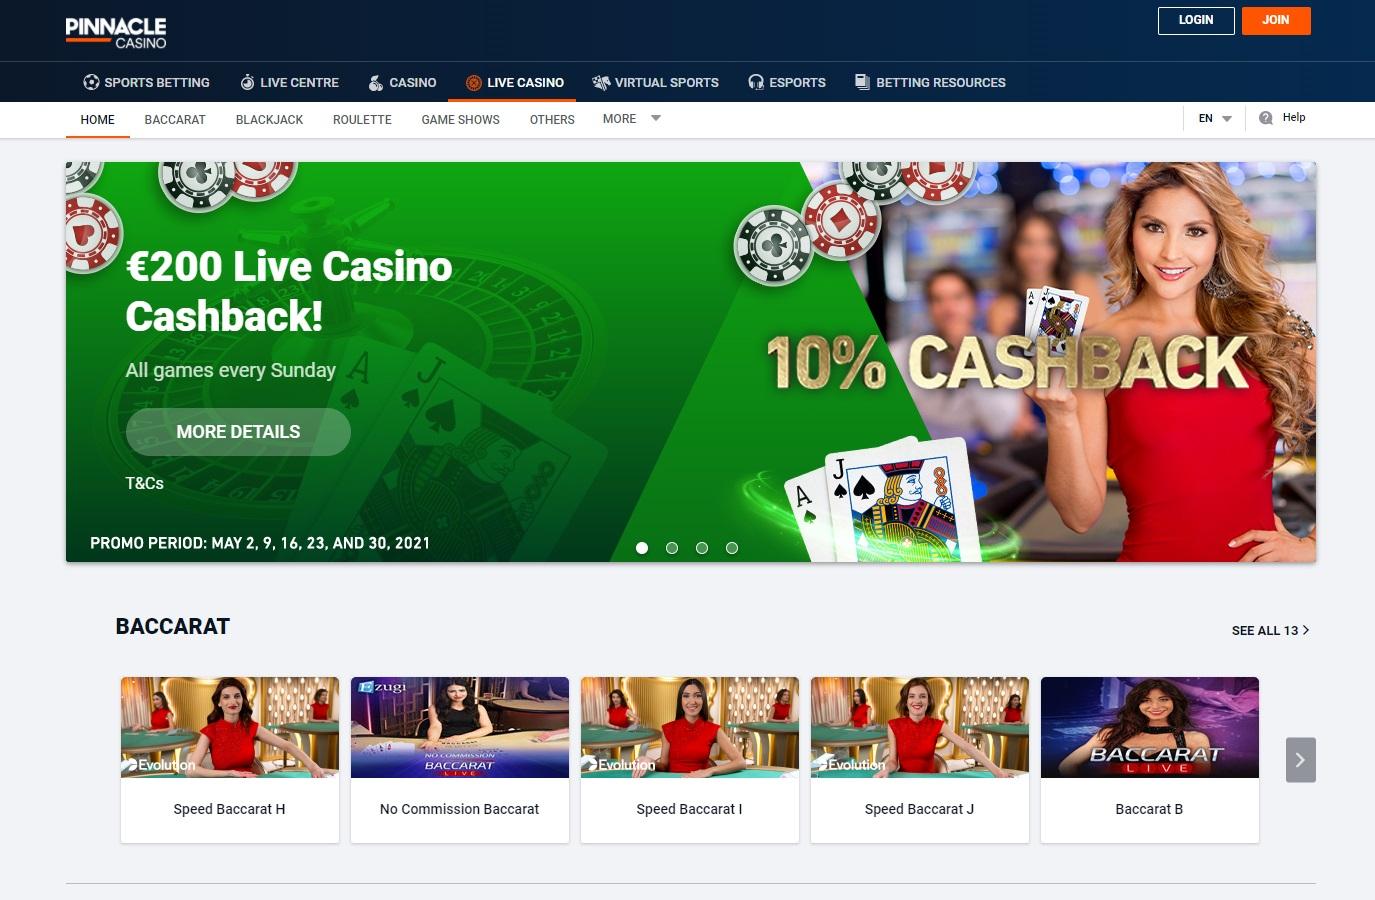 Pinnacle live casino